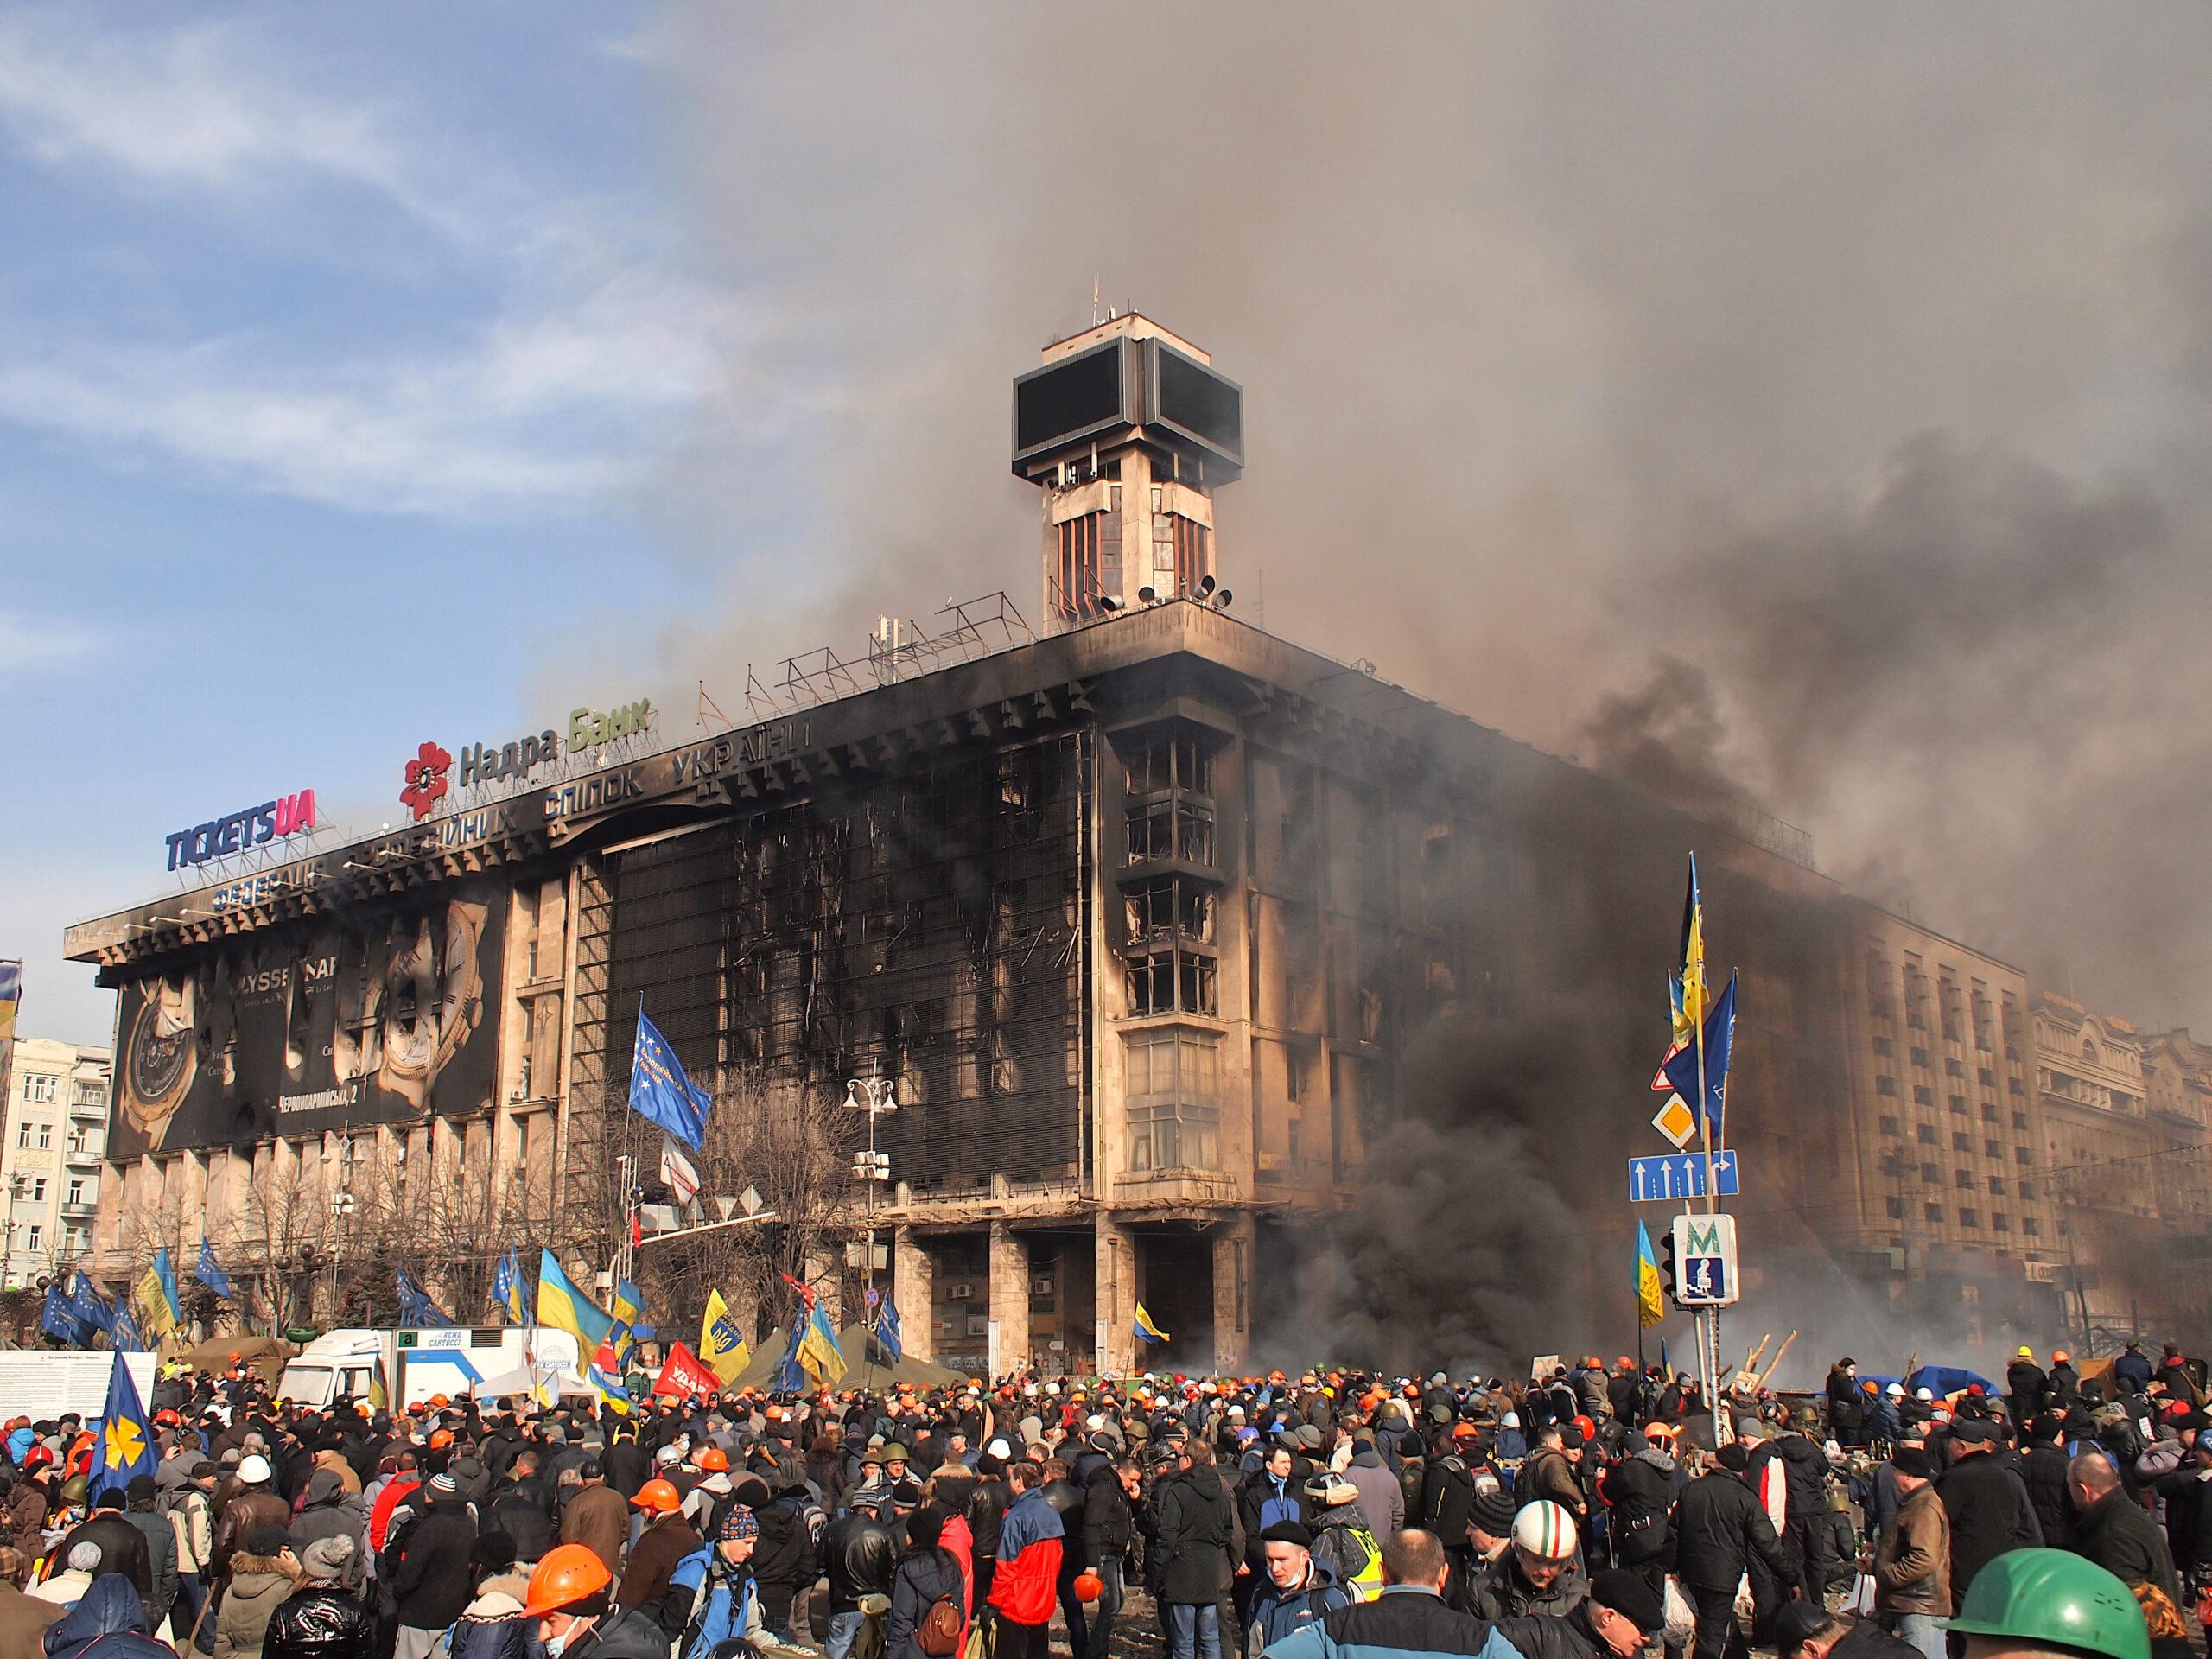 формировать картинки что происходит на украине сегодня можете залить фото